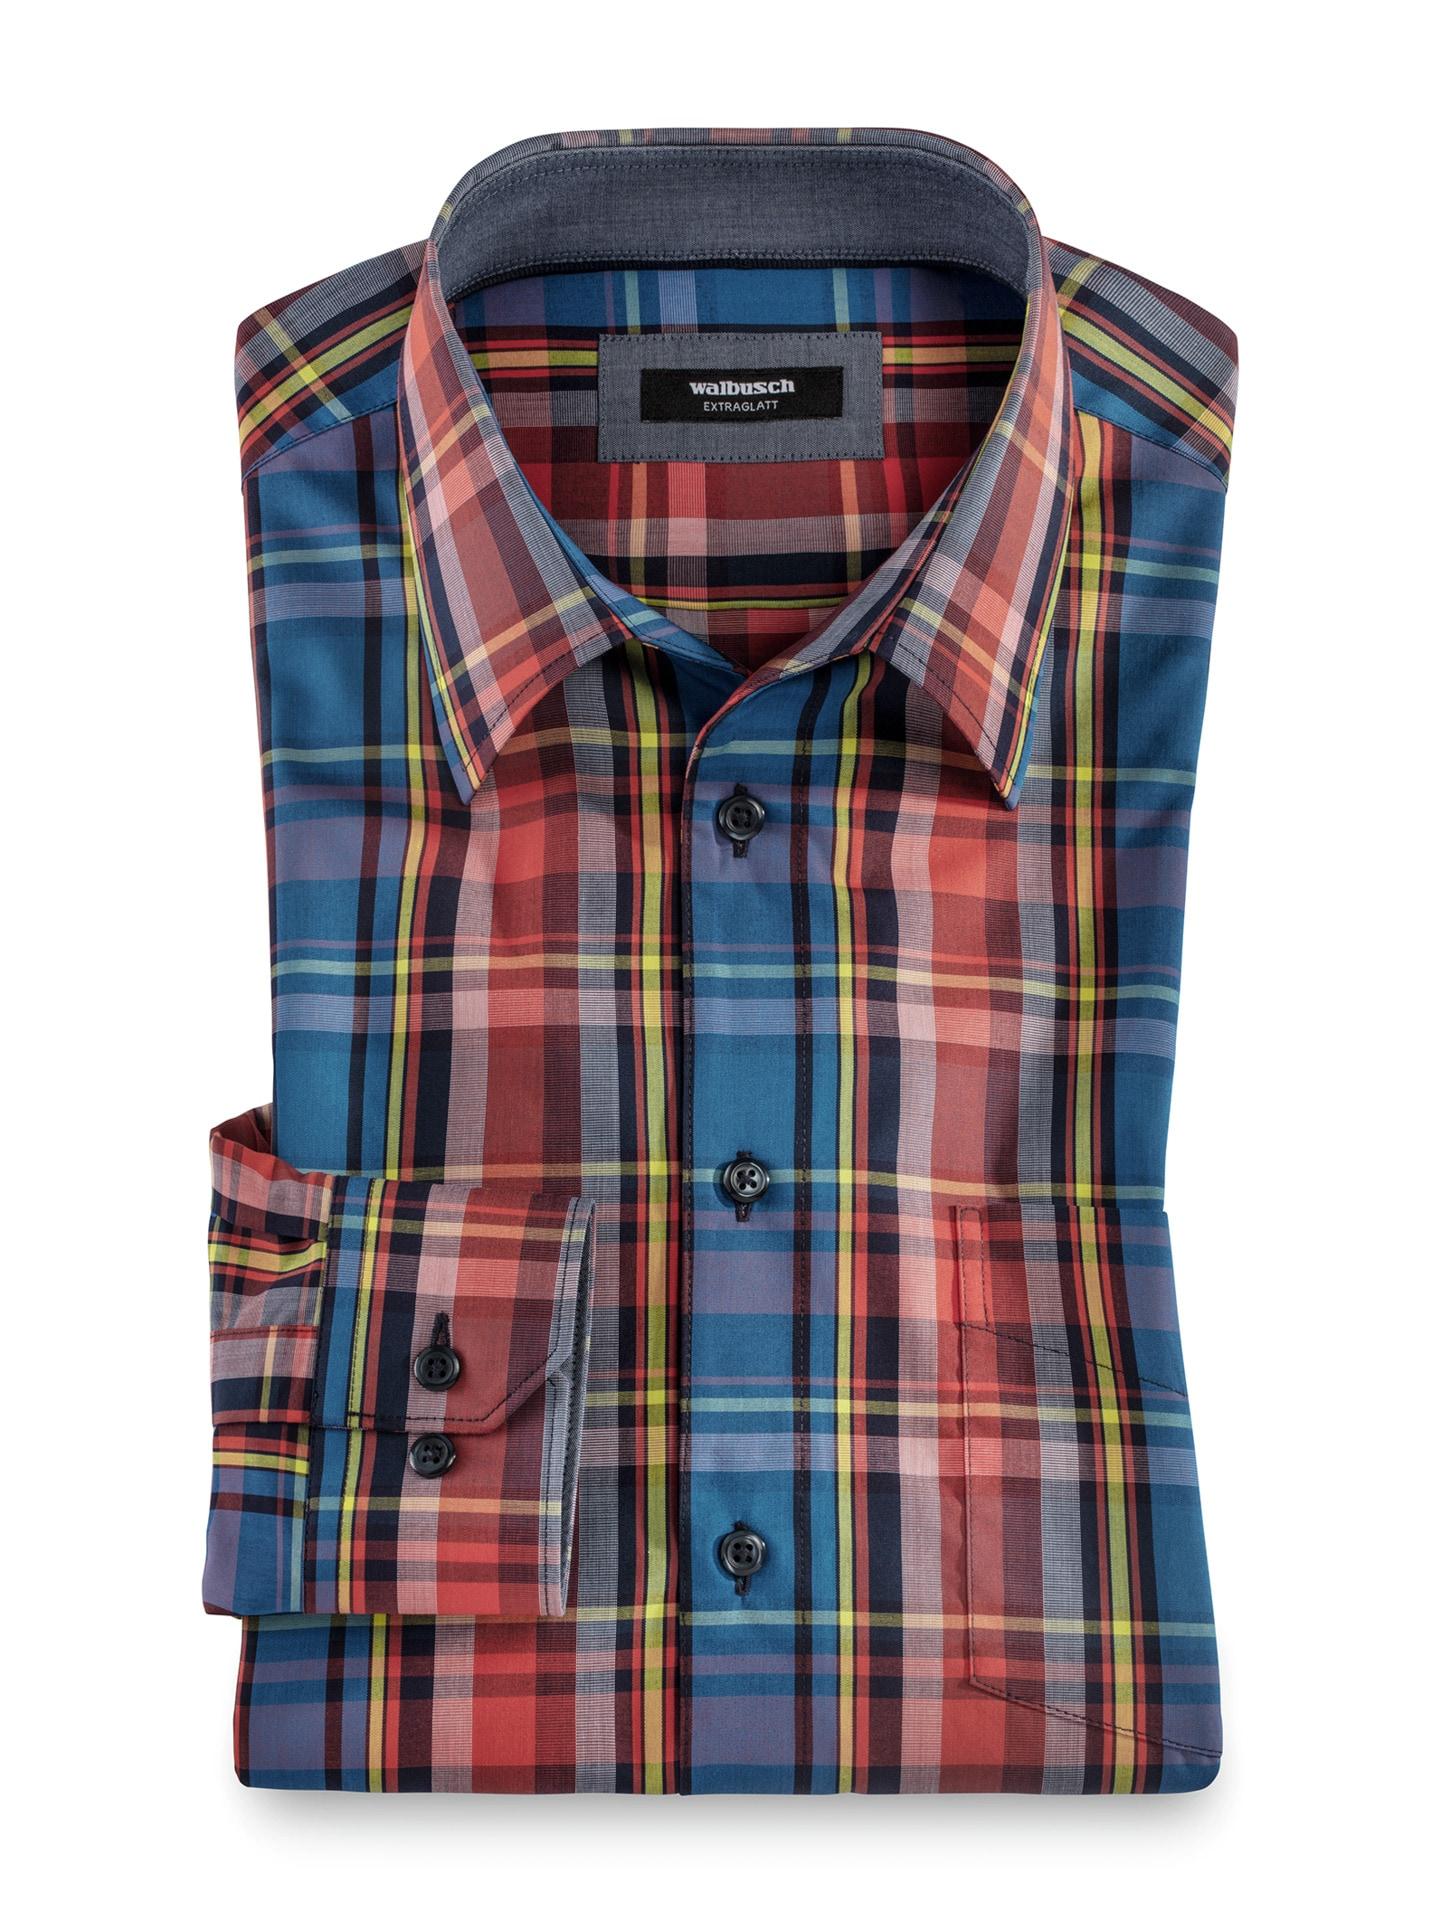 Artikel klicken und genauer betrachten! - Klare, geradlinige Dessins, kräftige Farben: Hemden im Club-Stil. Frische Farbkombinationen machen die Übergangszeit schöner und lassen sich hervorragend kombinieren. Gedruckt auf feinste Baumwolle, bietet das Hemd beste Trage- und Pflegeeigenschaften. Atmungsaktiv und weich liegt es auf der Haut. | im Online Shop kaufen